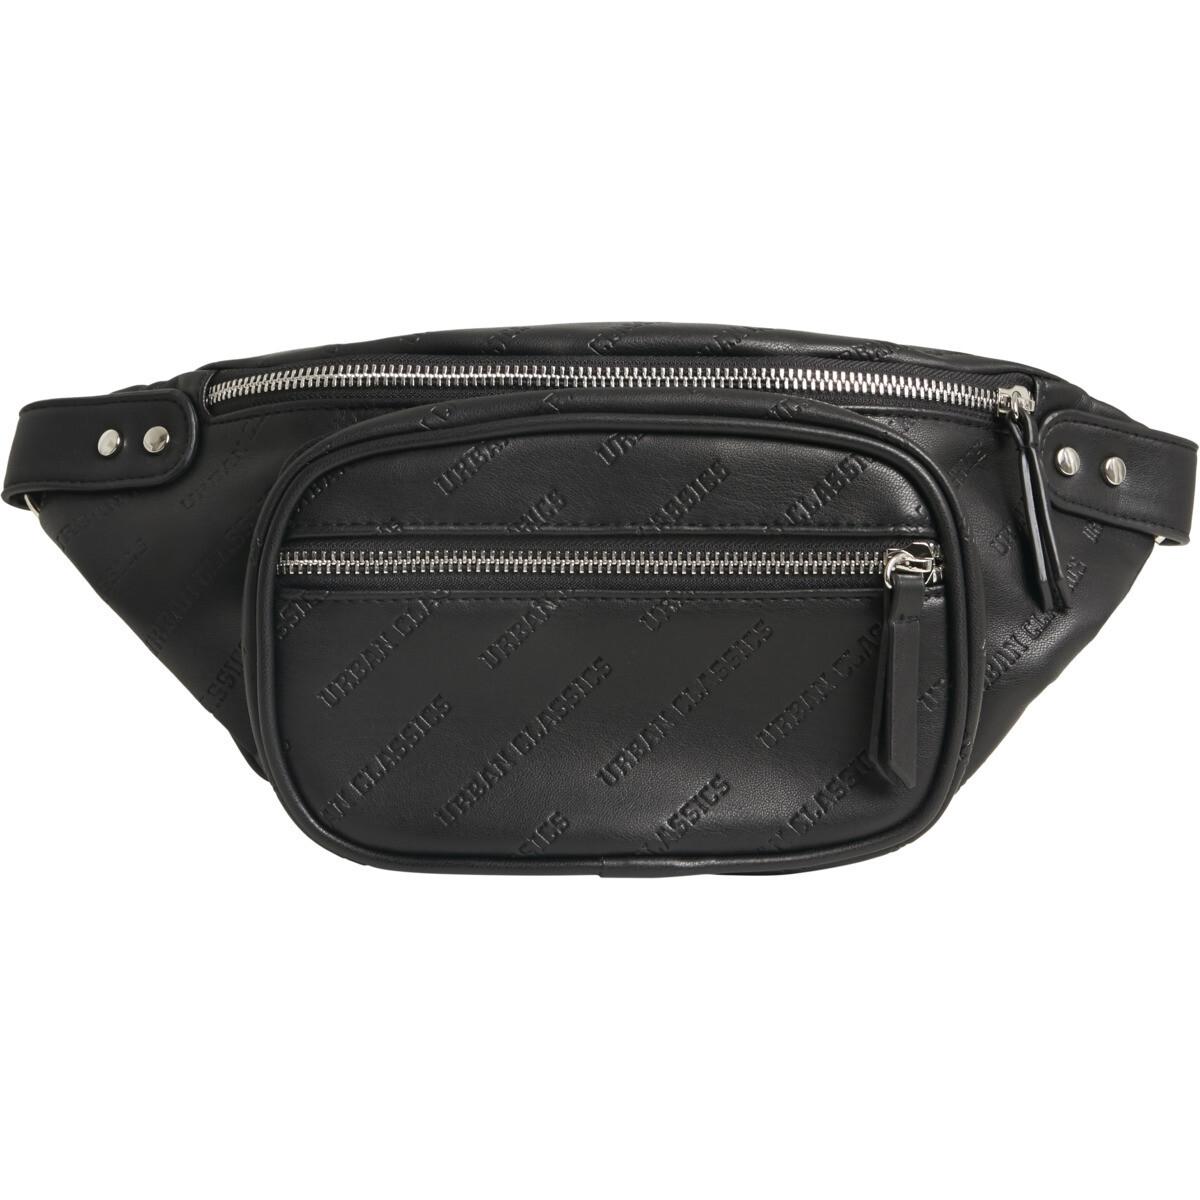 Imitation Leather Shoulder Bag - Schwarz